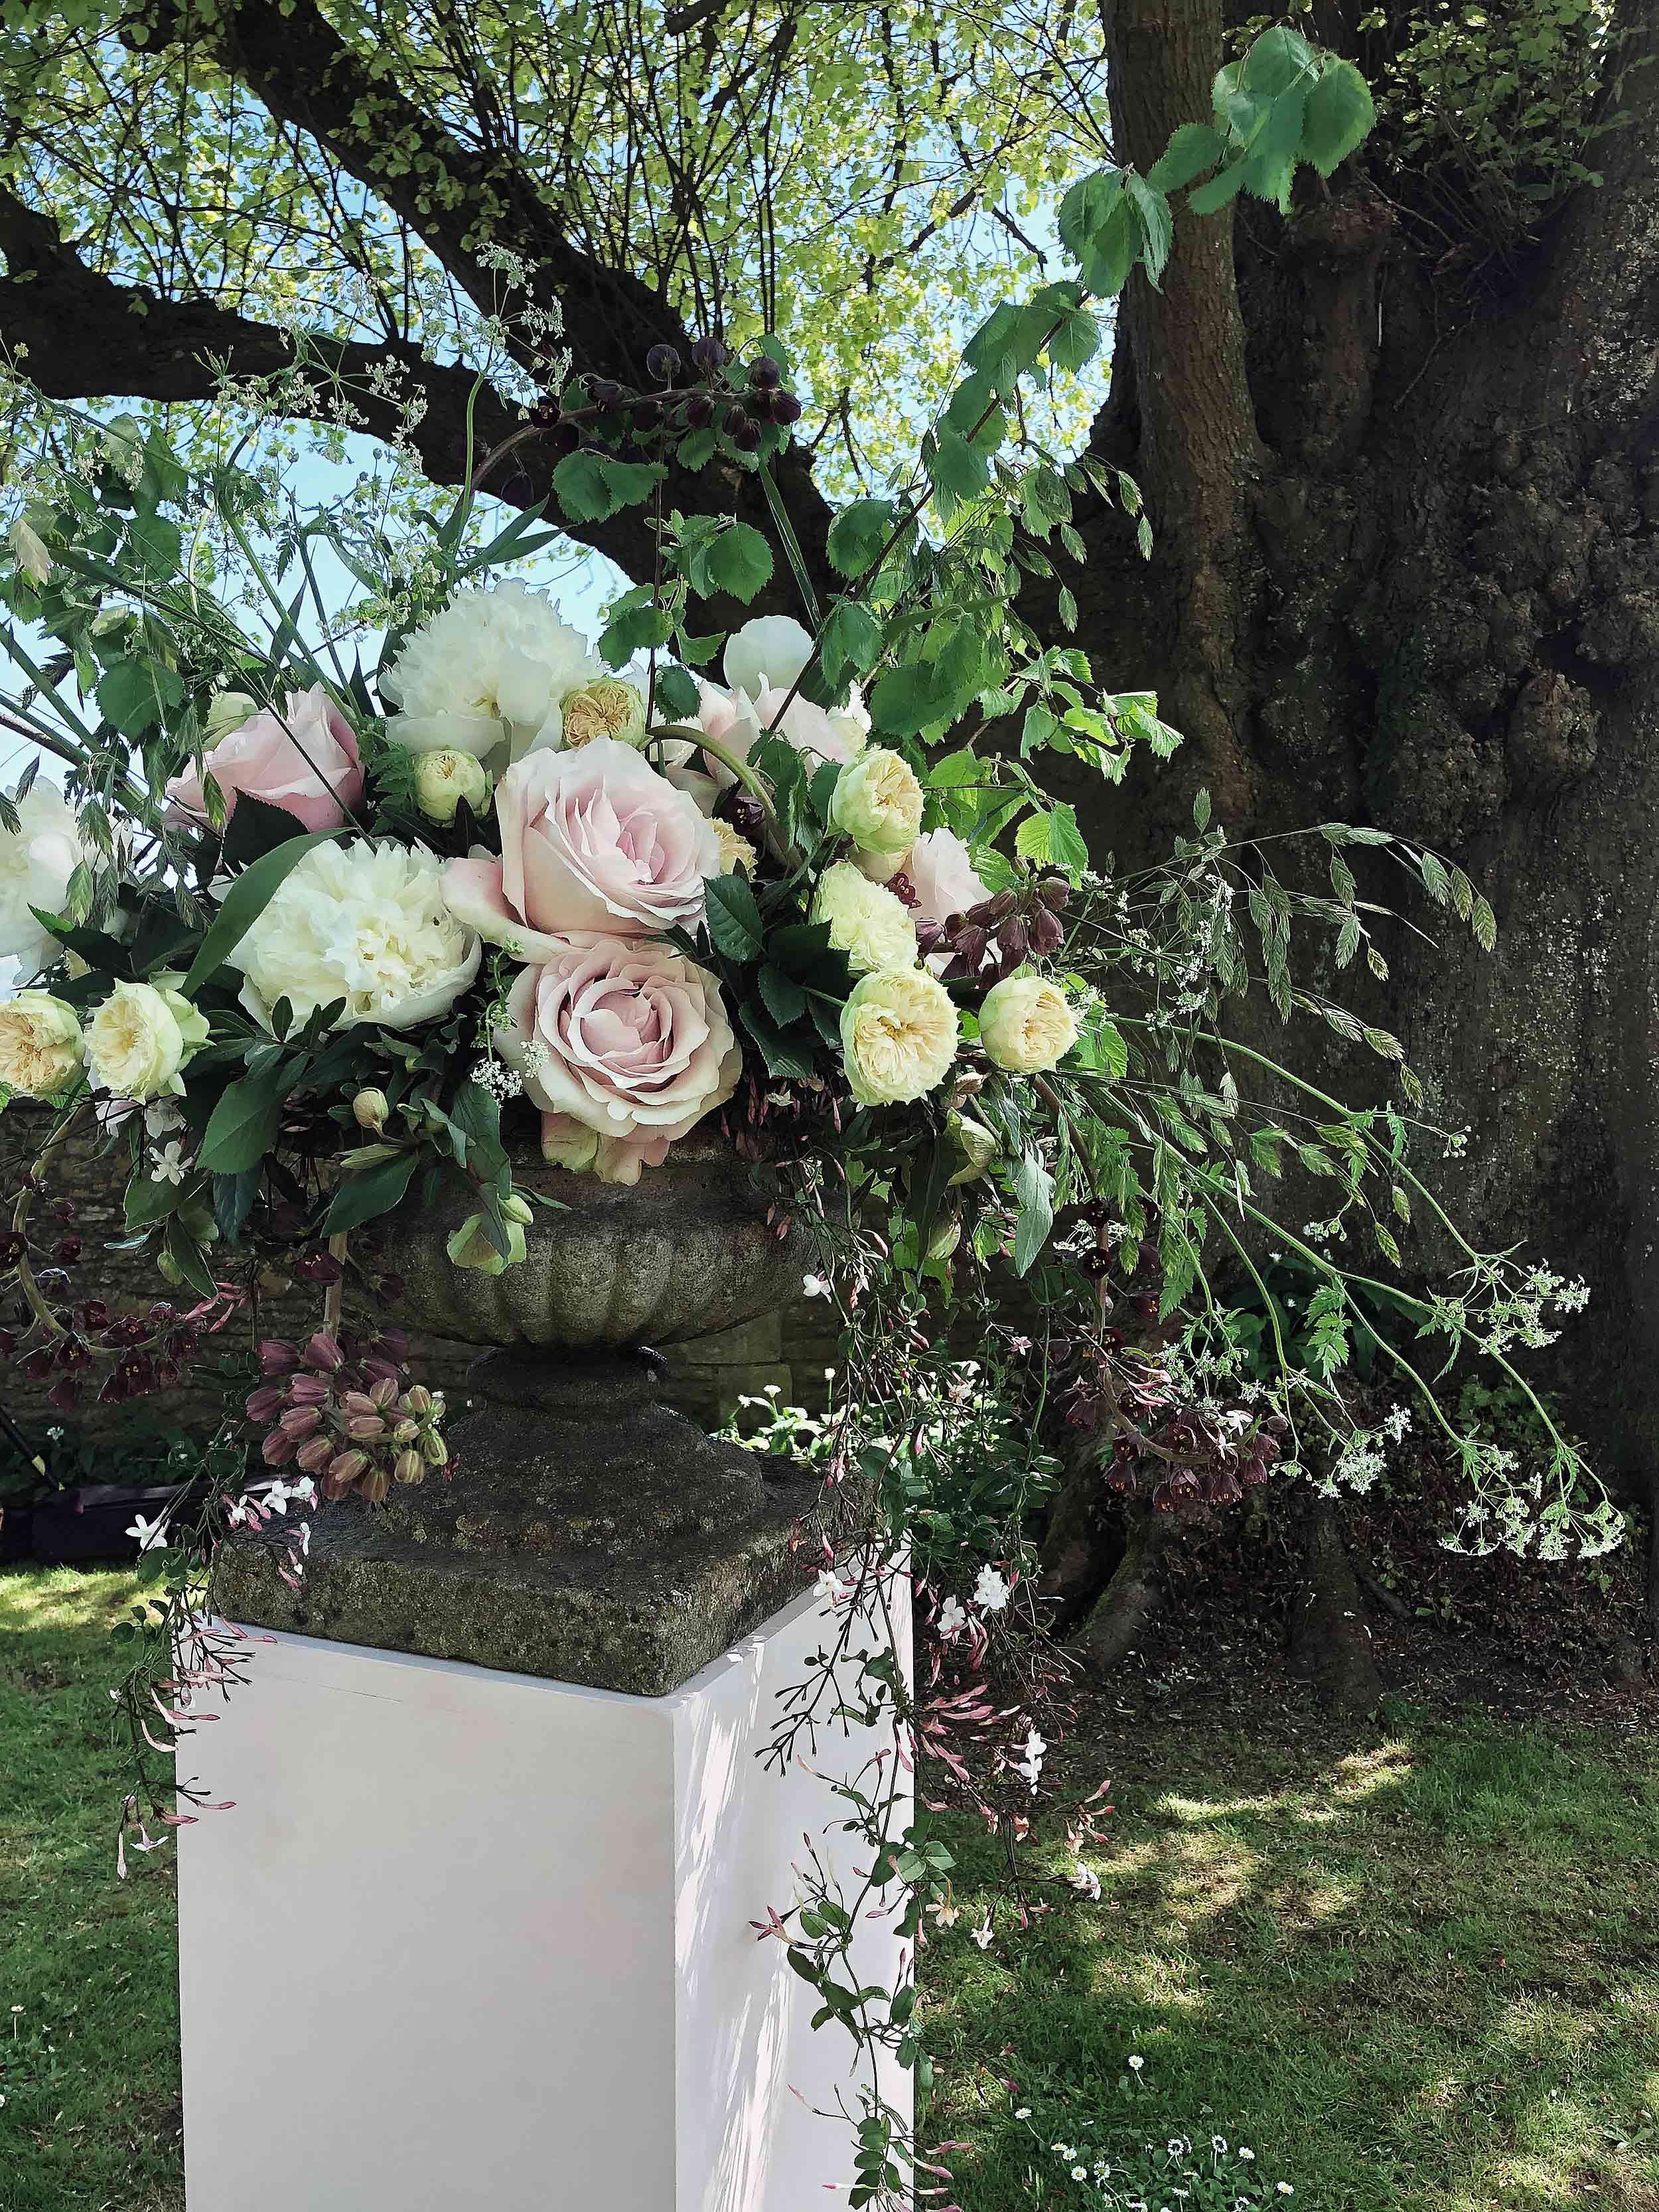 lunaria_wedding_flowers_somerset_UK_13.jpg